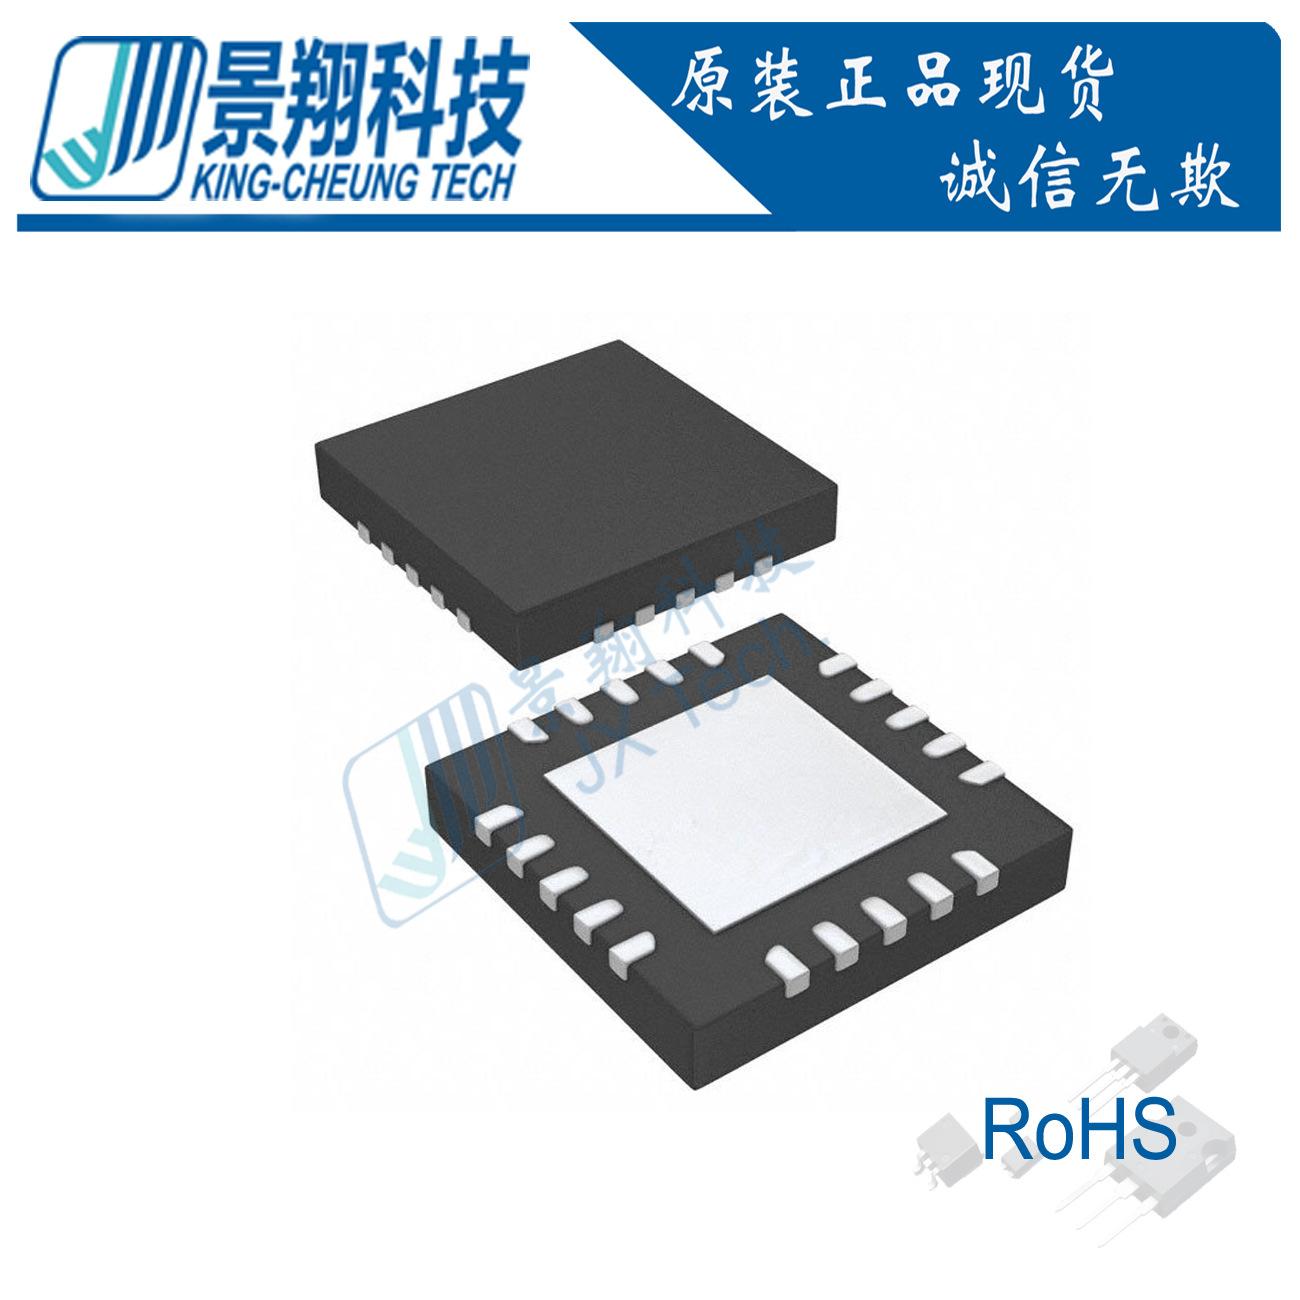 主营  笙科 无线收发芯片  原装优势 A7108